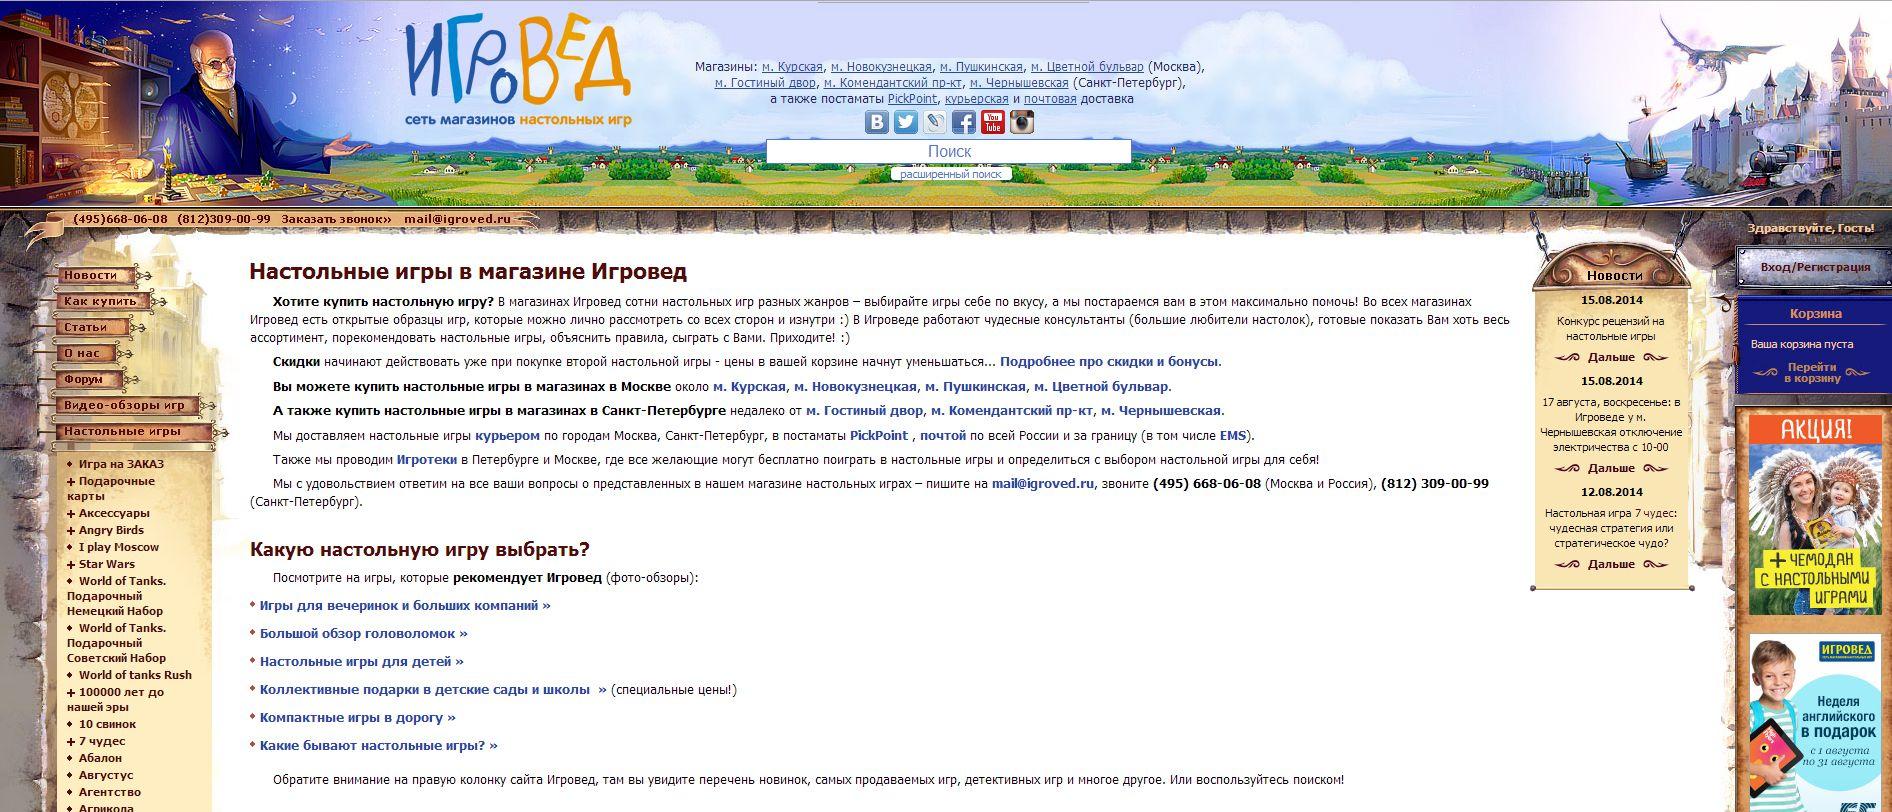 Логотип для сети магазинов настольных игр ИГРОВЕД - дизайнер xenia800